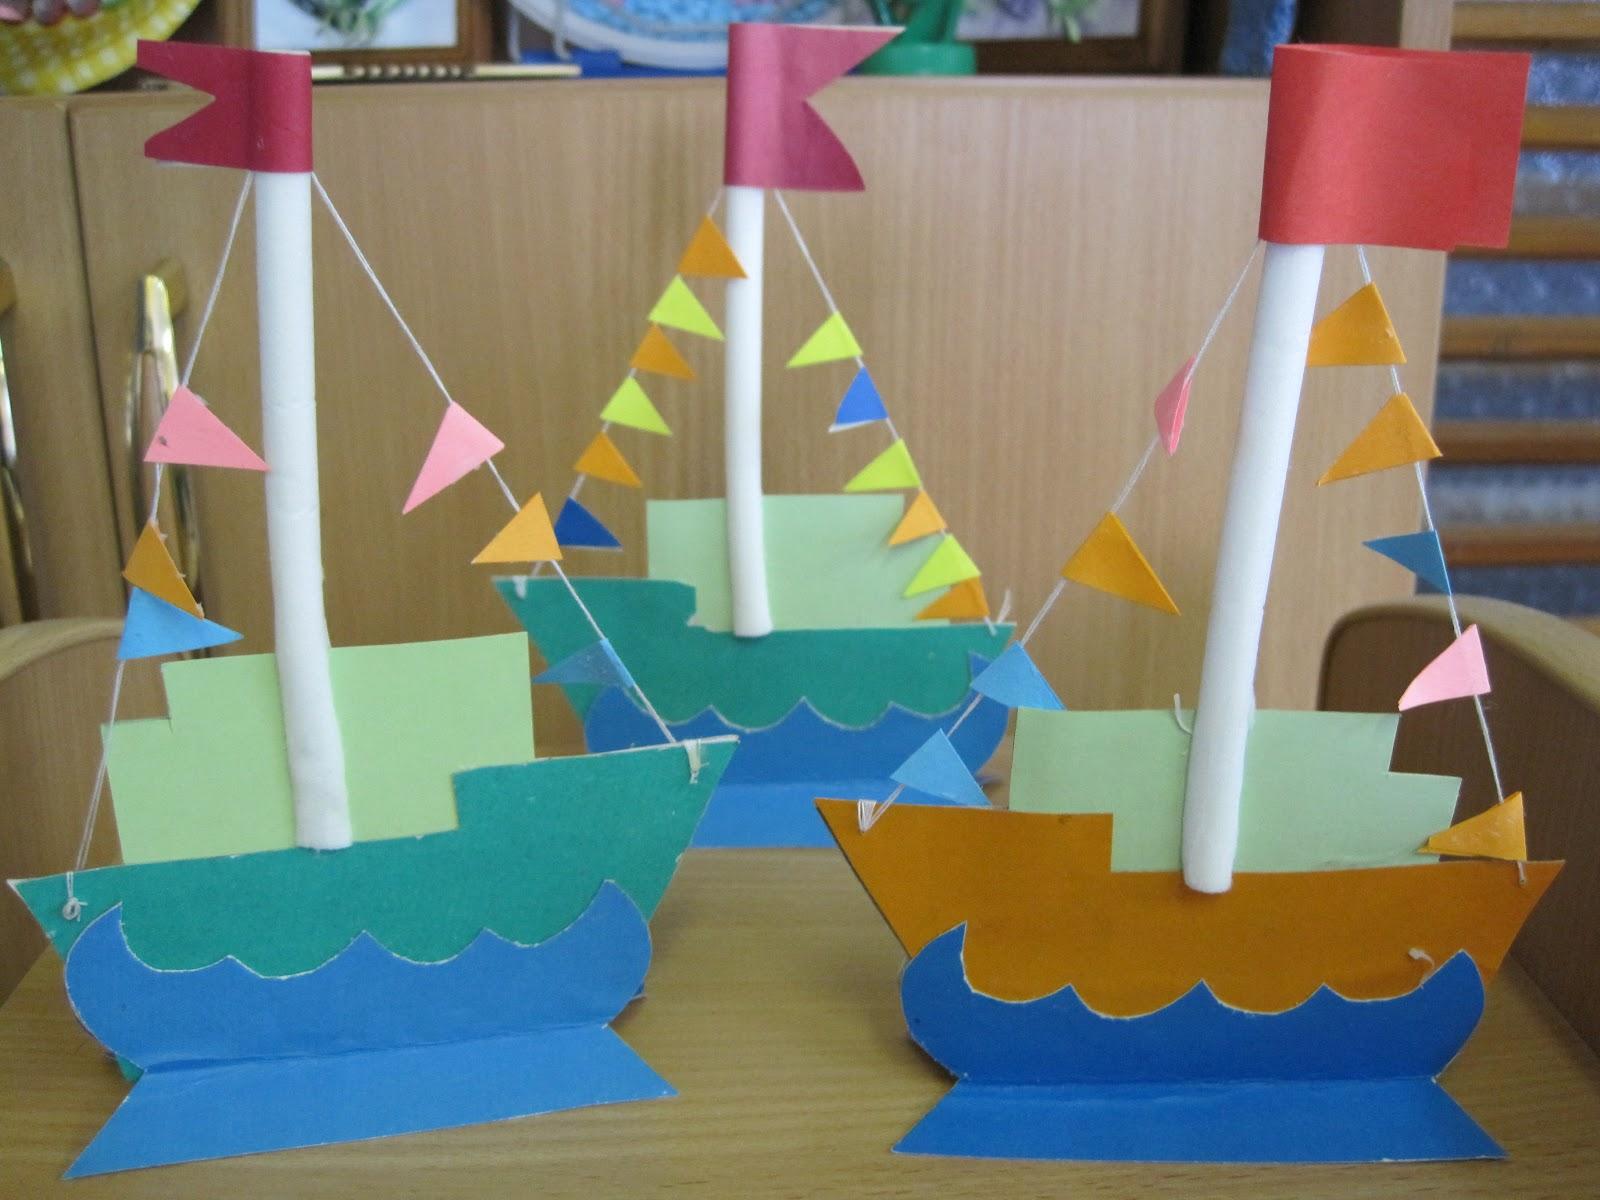 Открытка для пап на 23 февраля в детском саду старшая группа, рамки для открытки